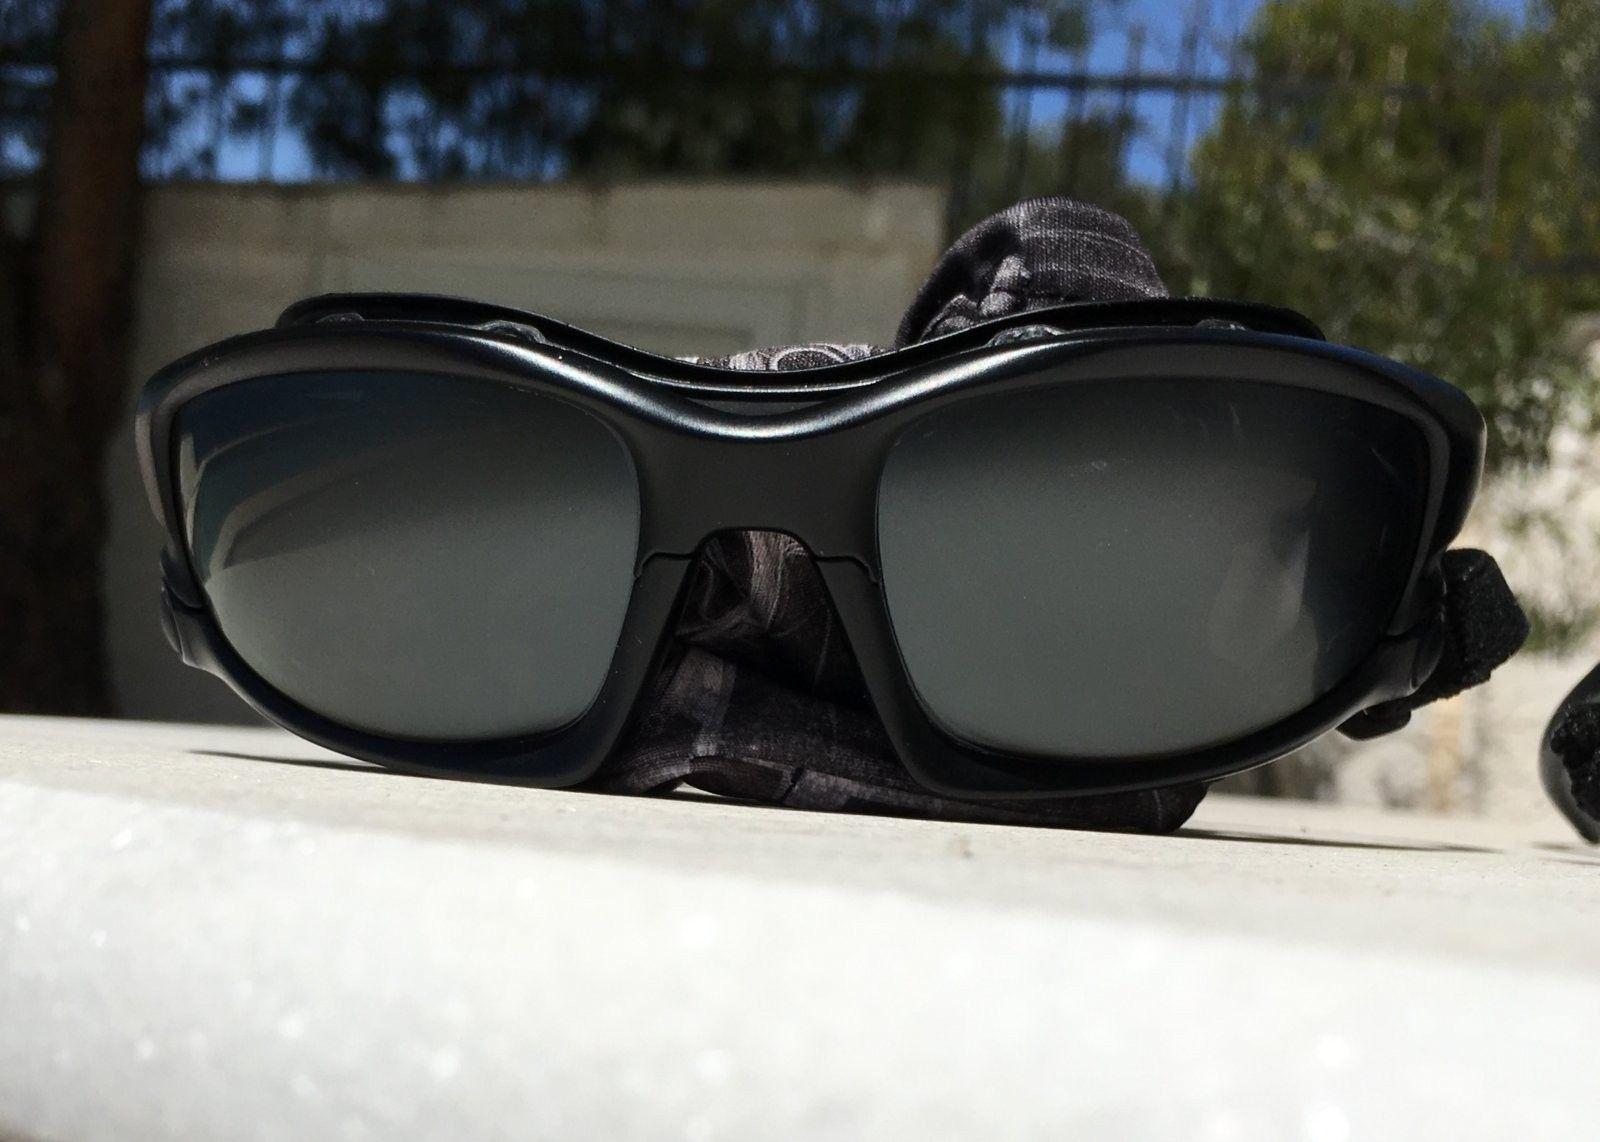 Split/Wind Jackets with Dillon Matte Lenses (Rare) - FullSizeRender 10.jpg